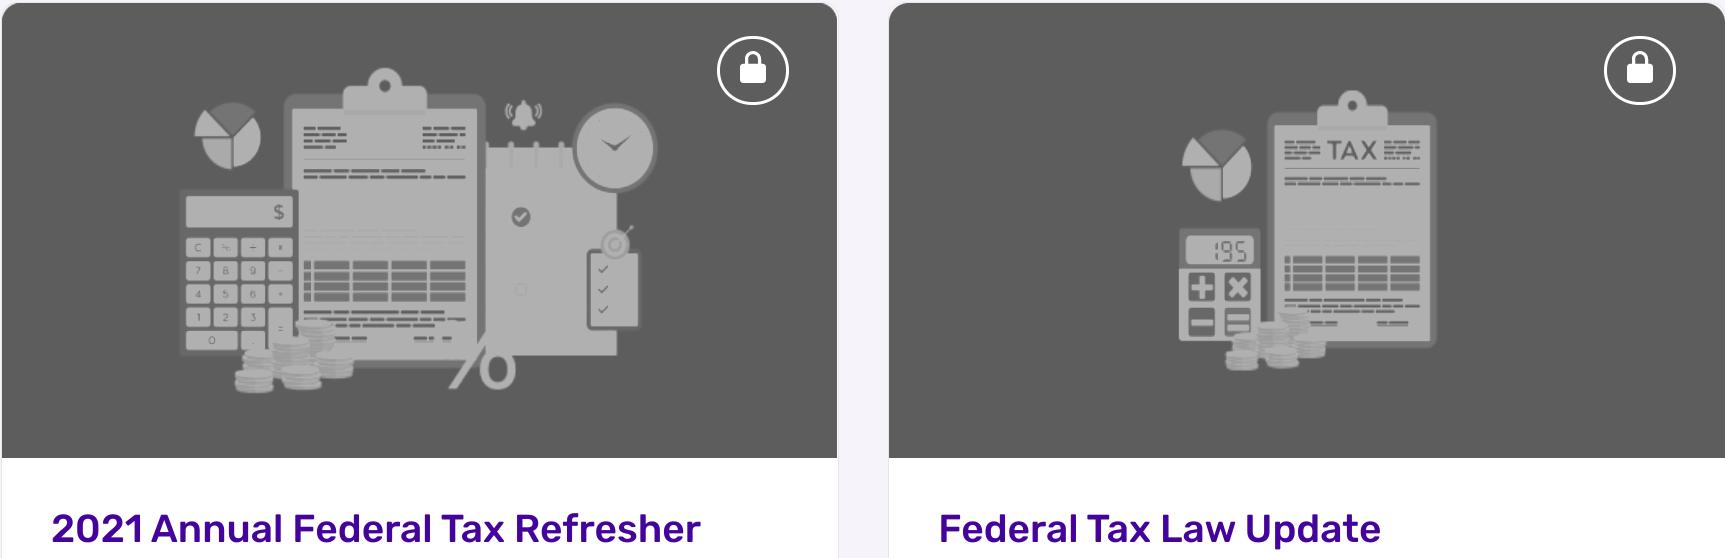 TaxBiz updates